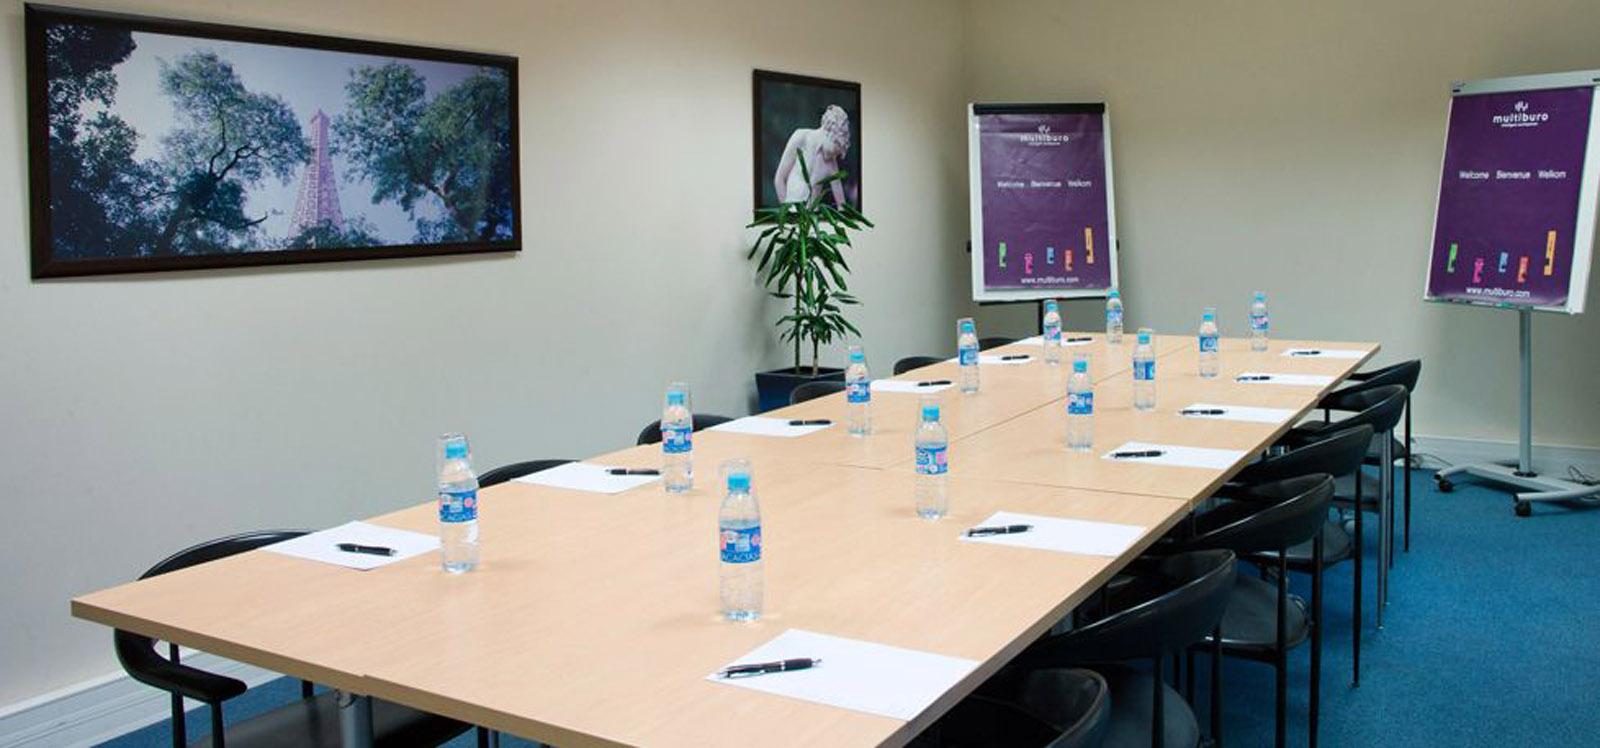 salle de réunion pour douze personnes avec bouteilles d'eau et tableau blanc à louer dans Paris